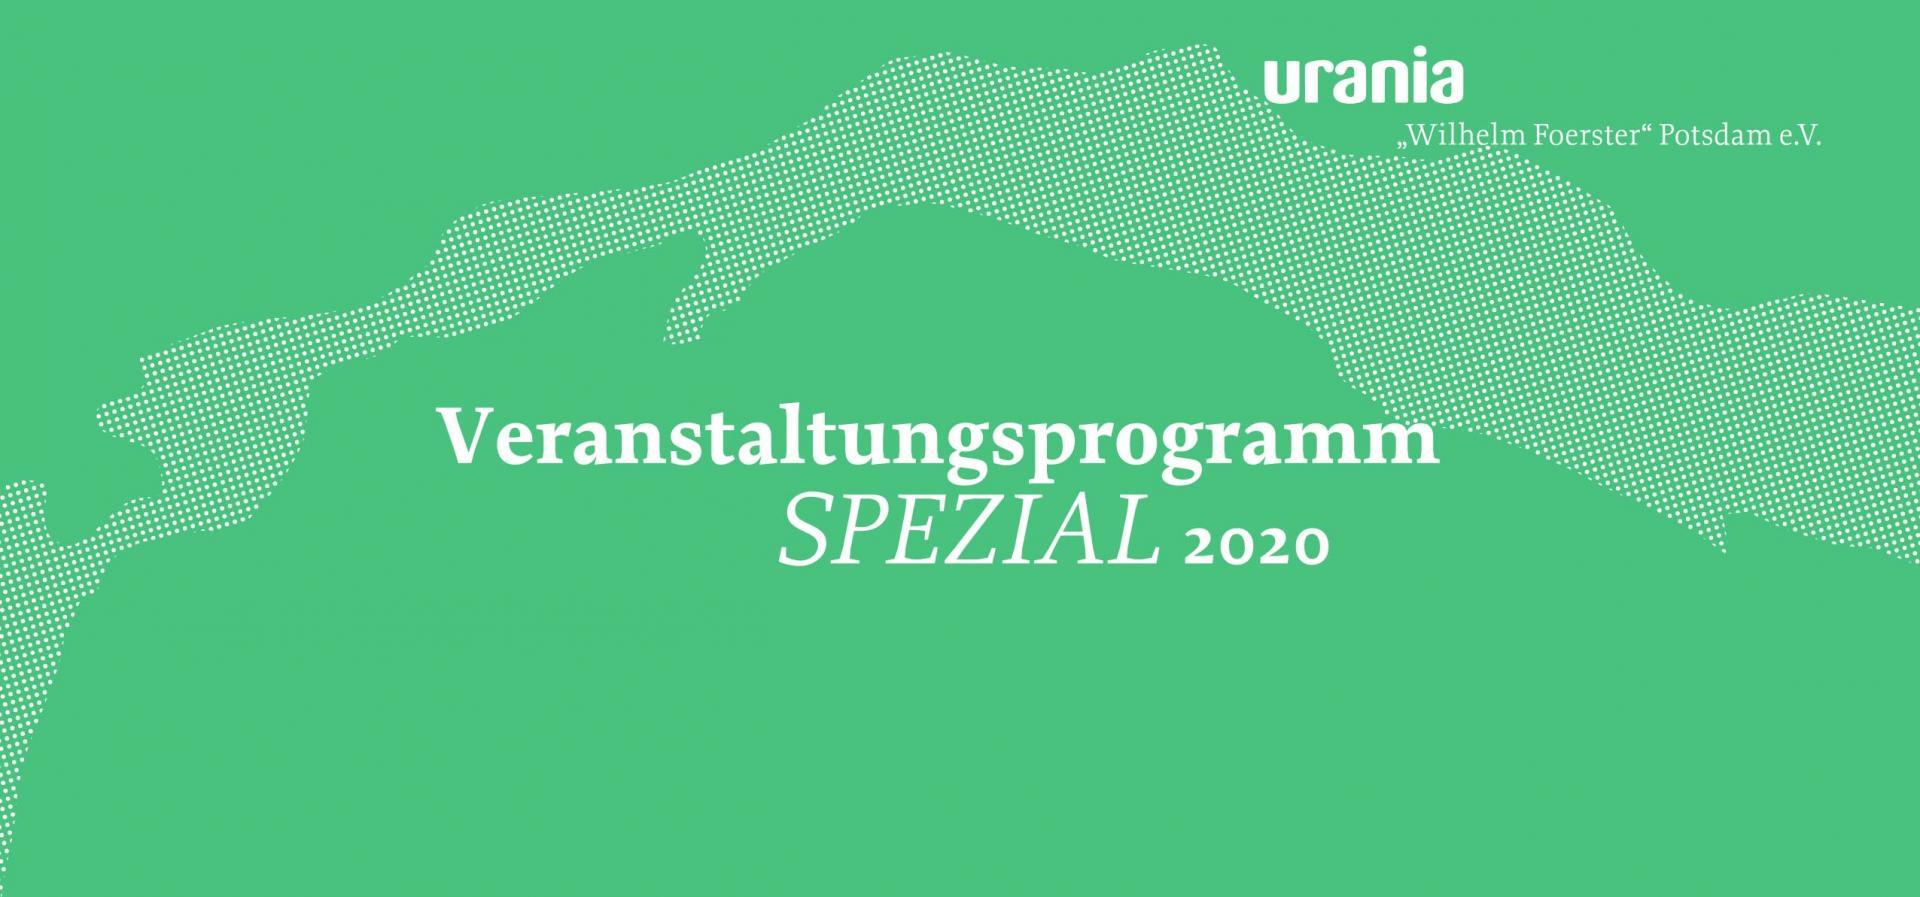 URANIA Special 2020